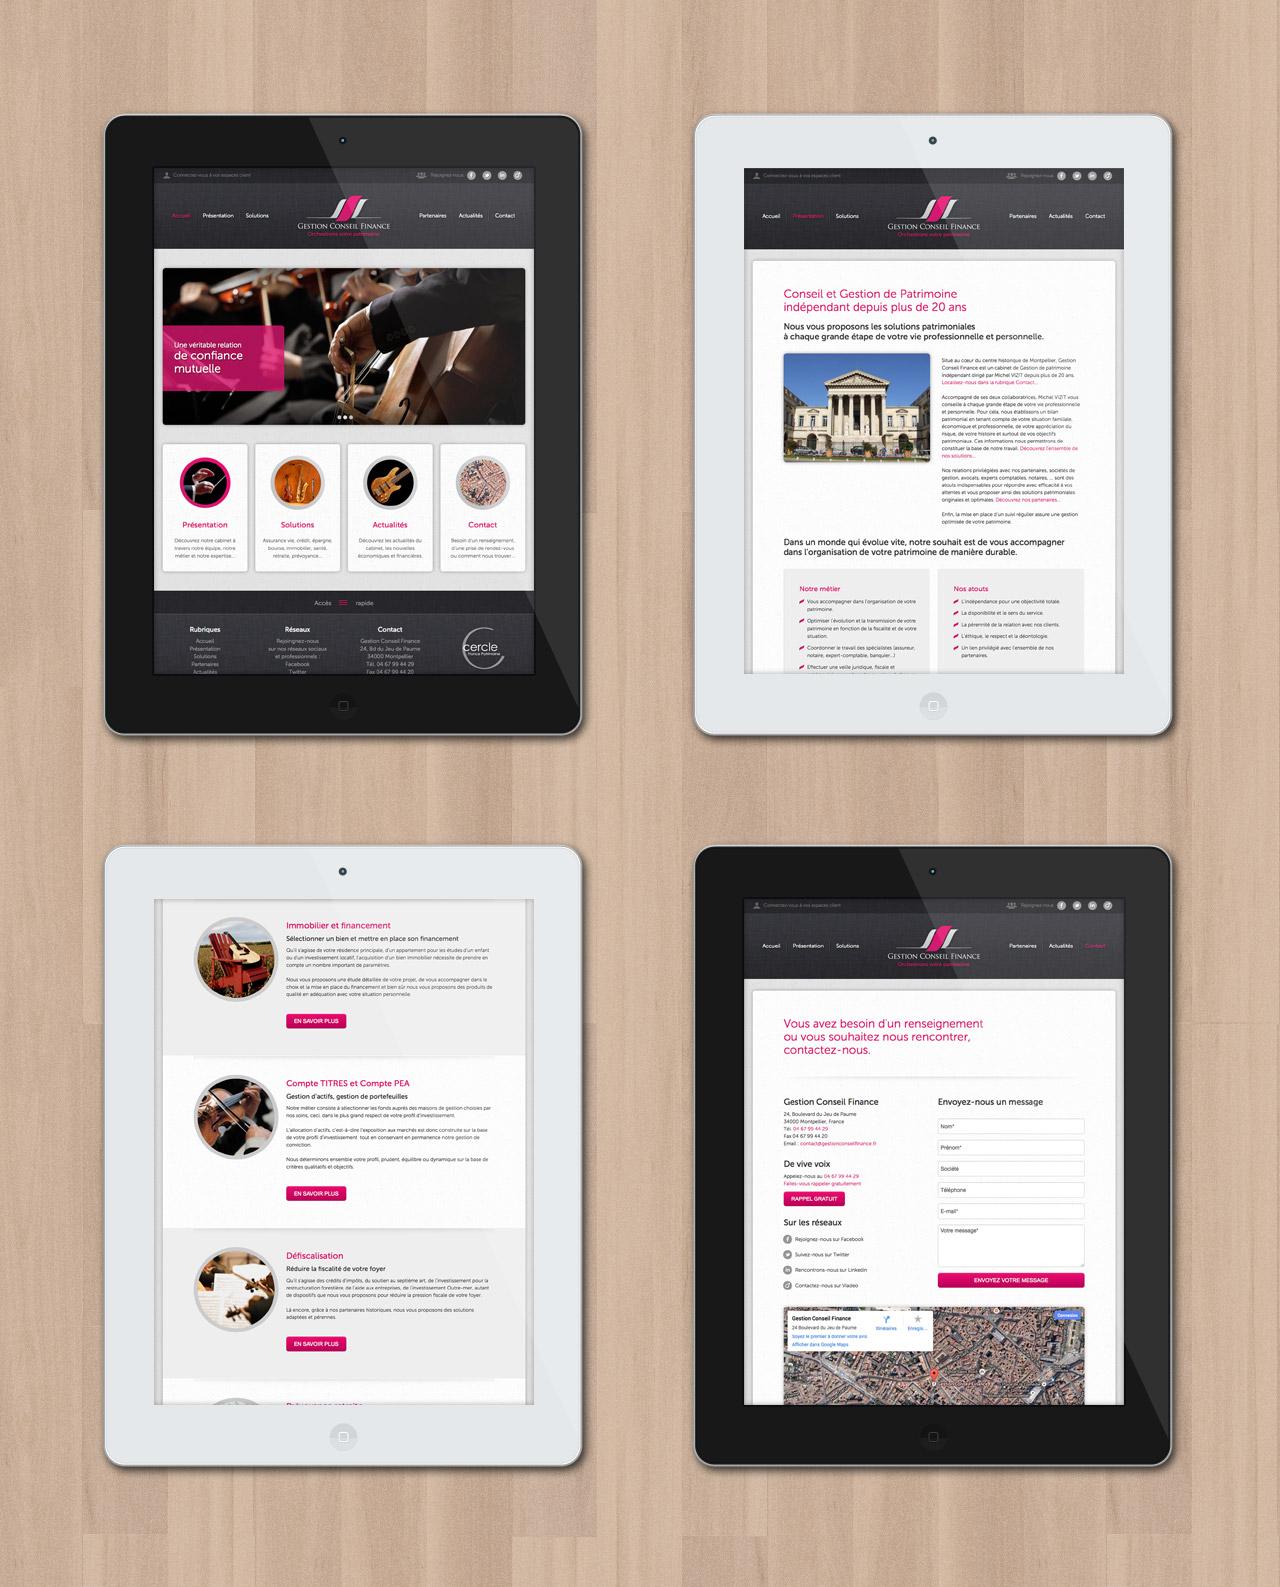 gestion-conseil-finance-site-tablette-responsive-design-creation-communication-caconcept-alexis-cretin-graphiste